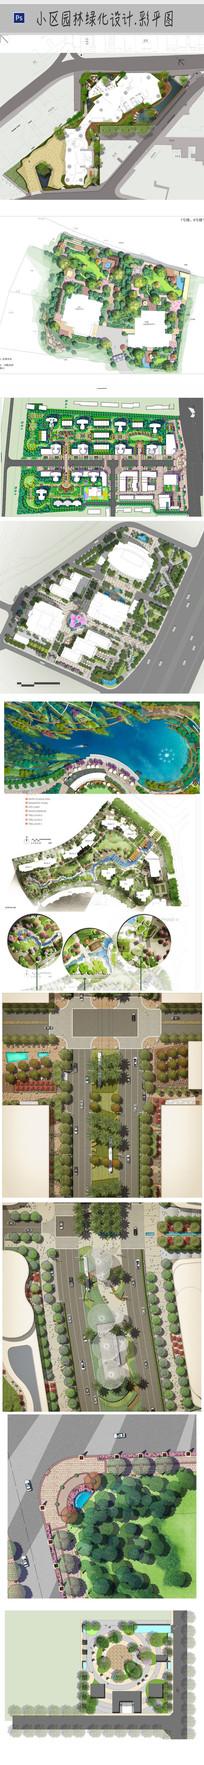 园林绿化规划设计彩平